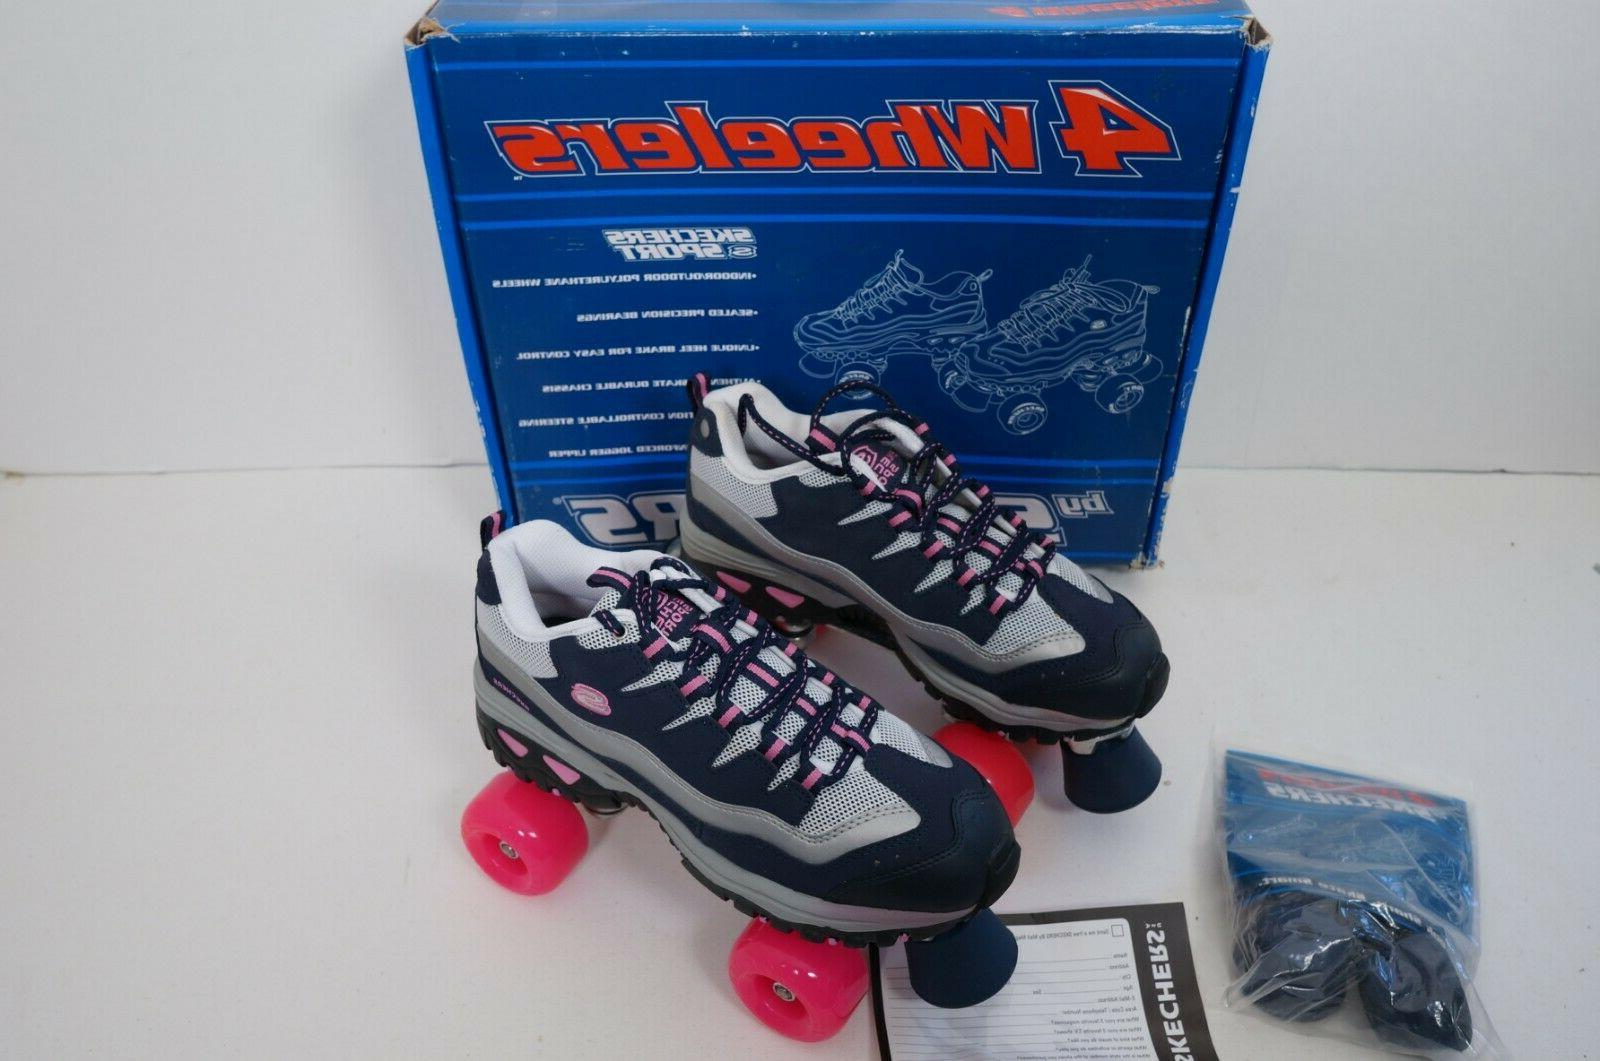 skechers roller skates review